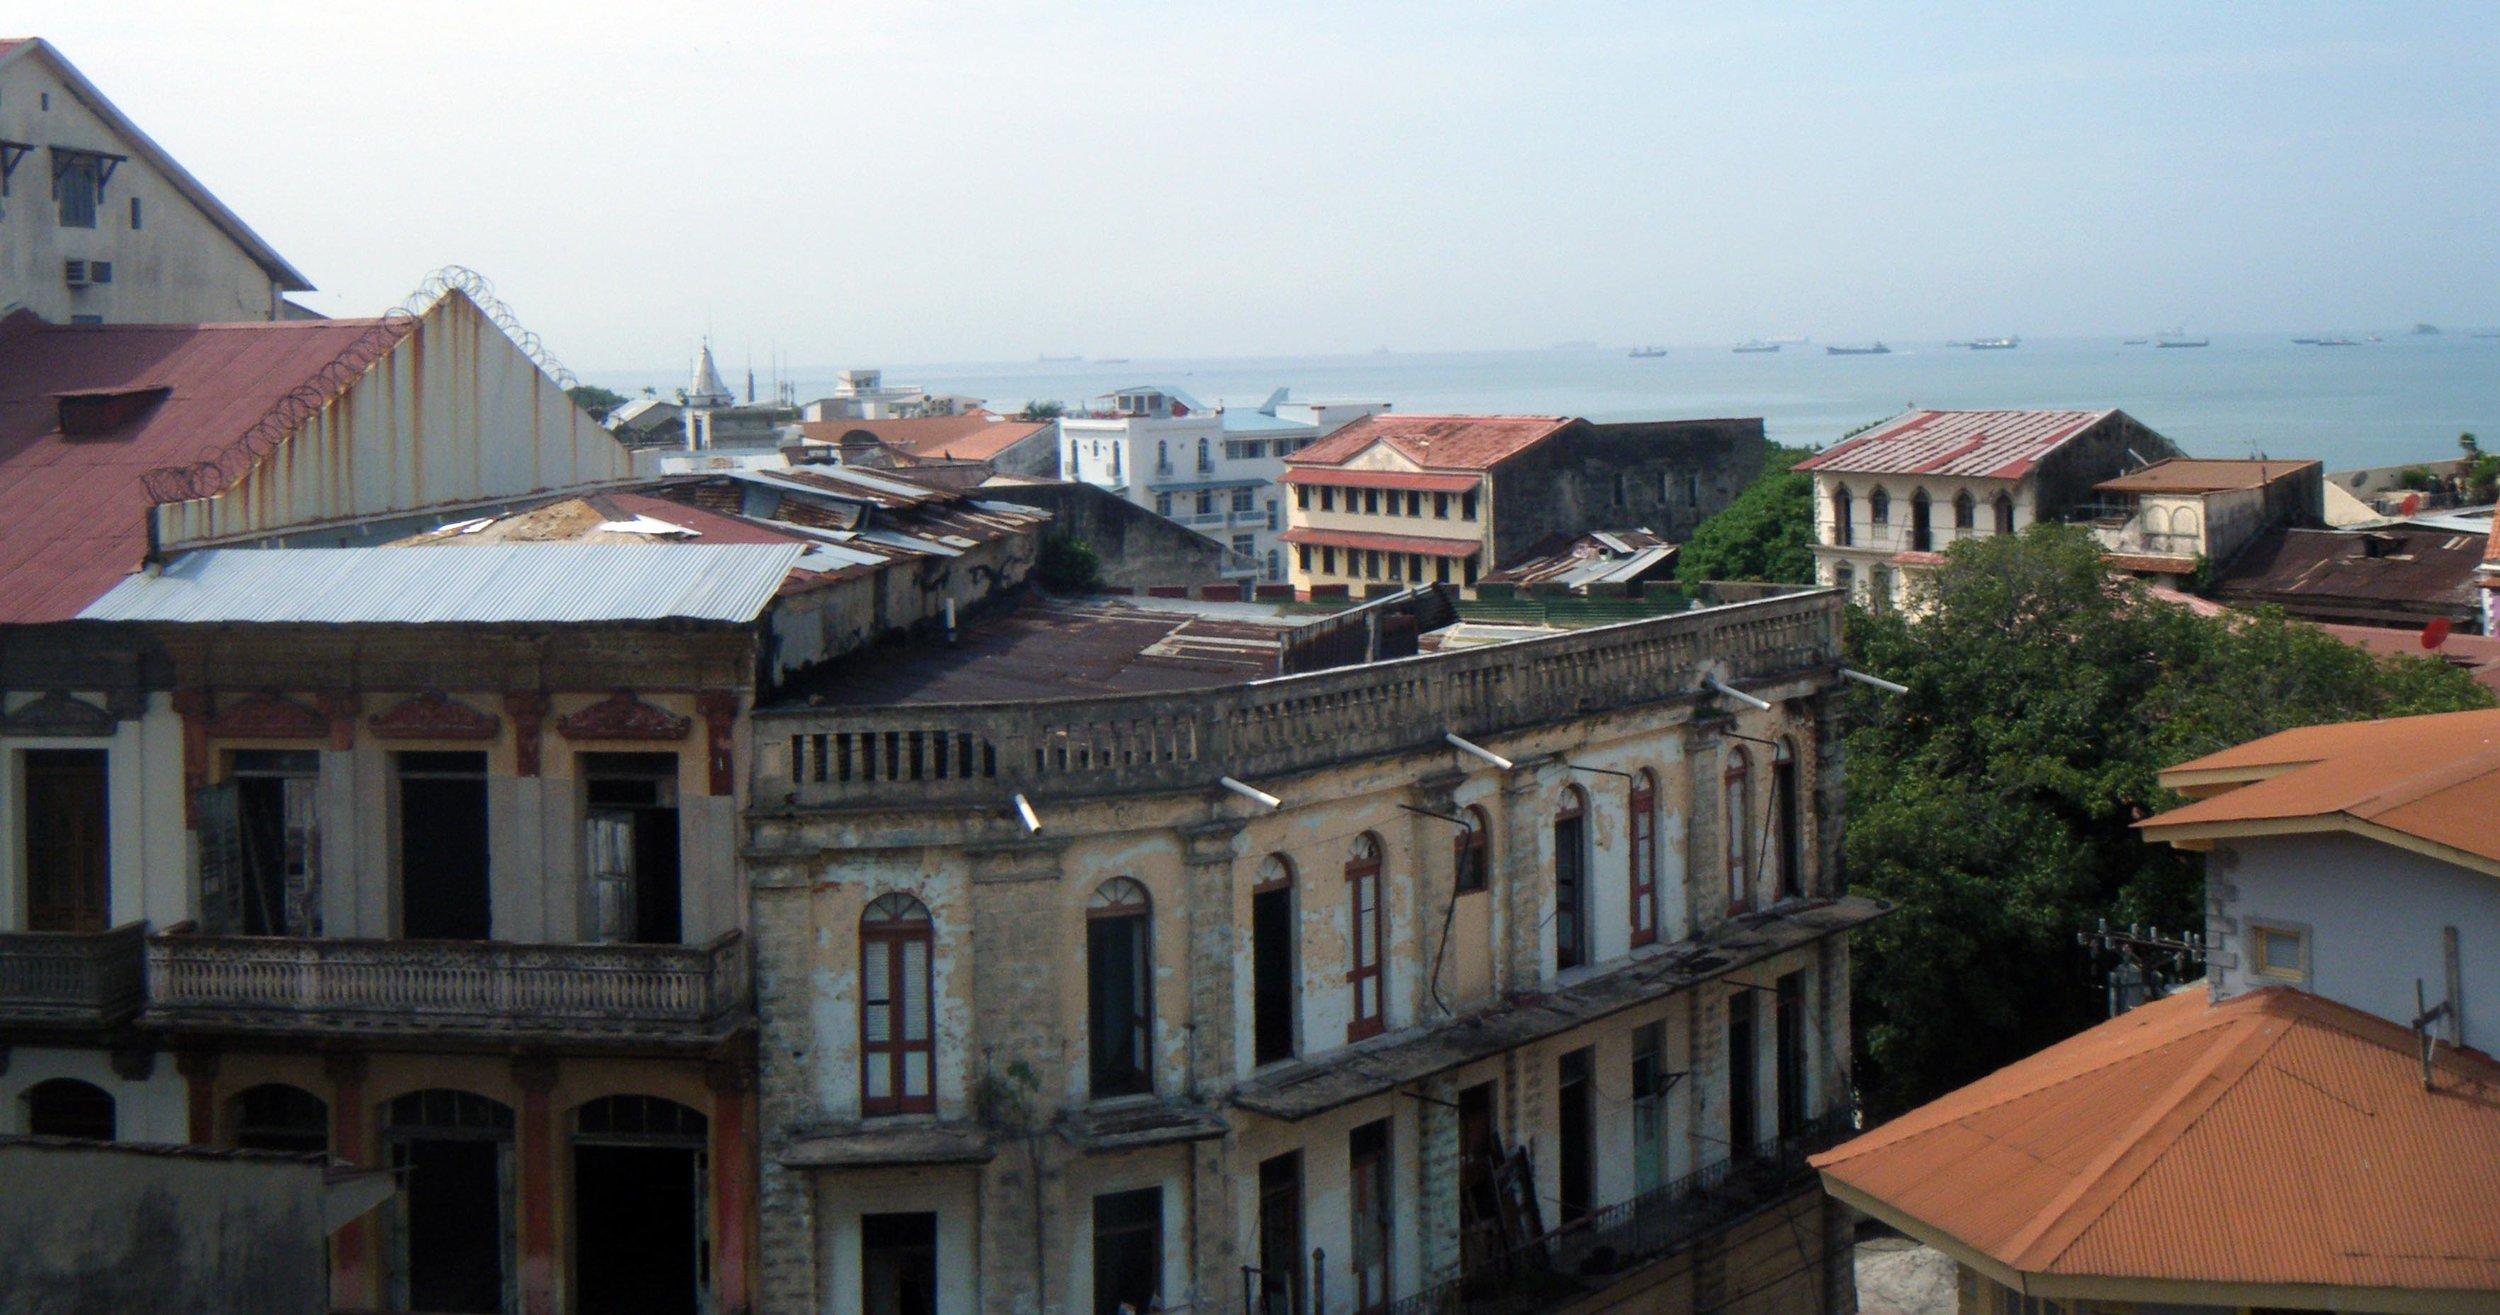 Casco Viejo 7-13-12.jpg